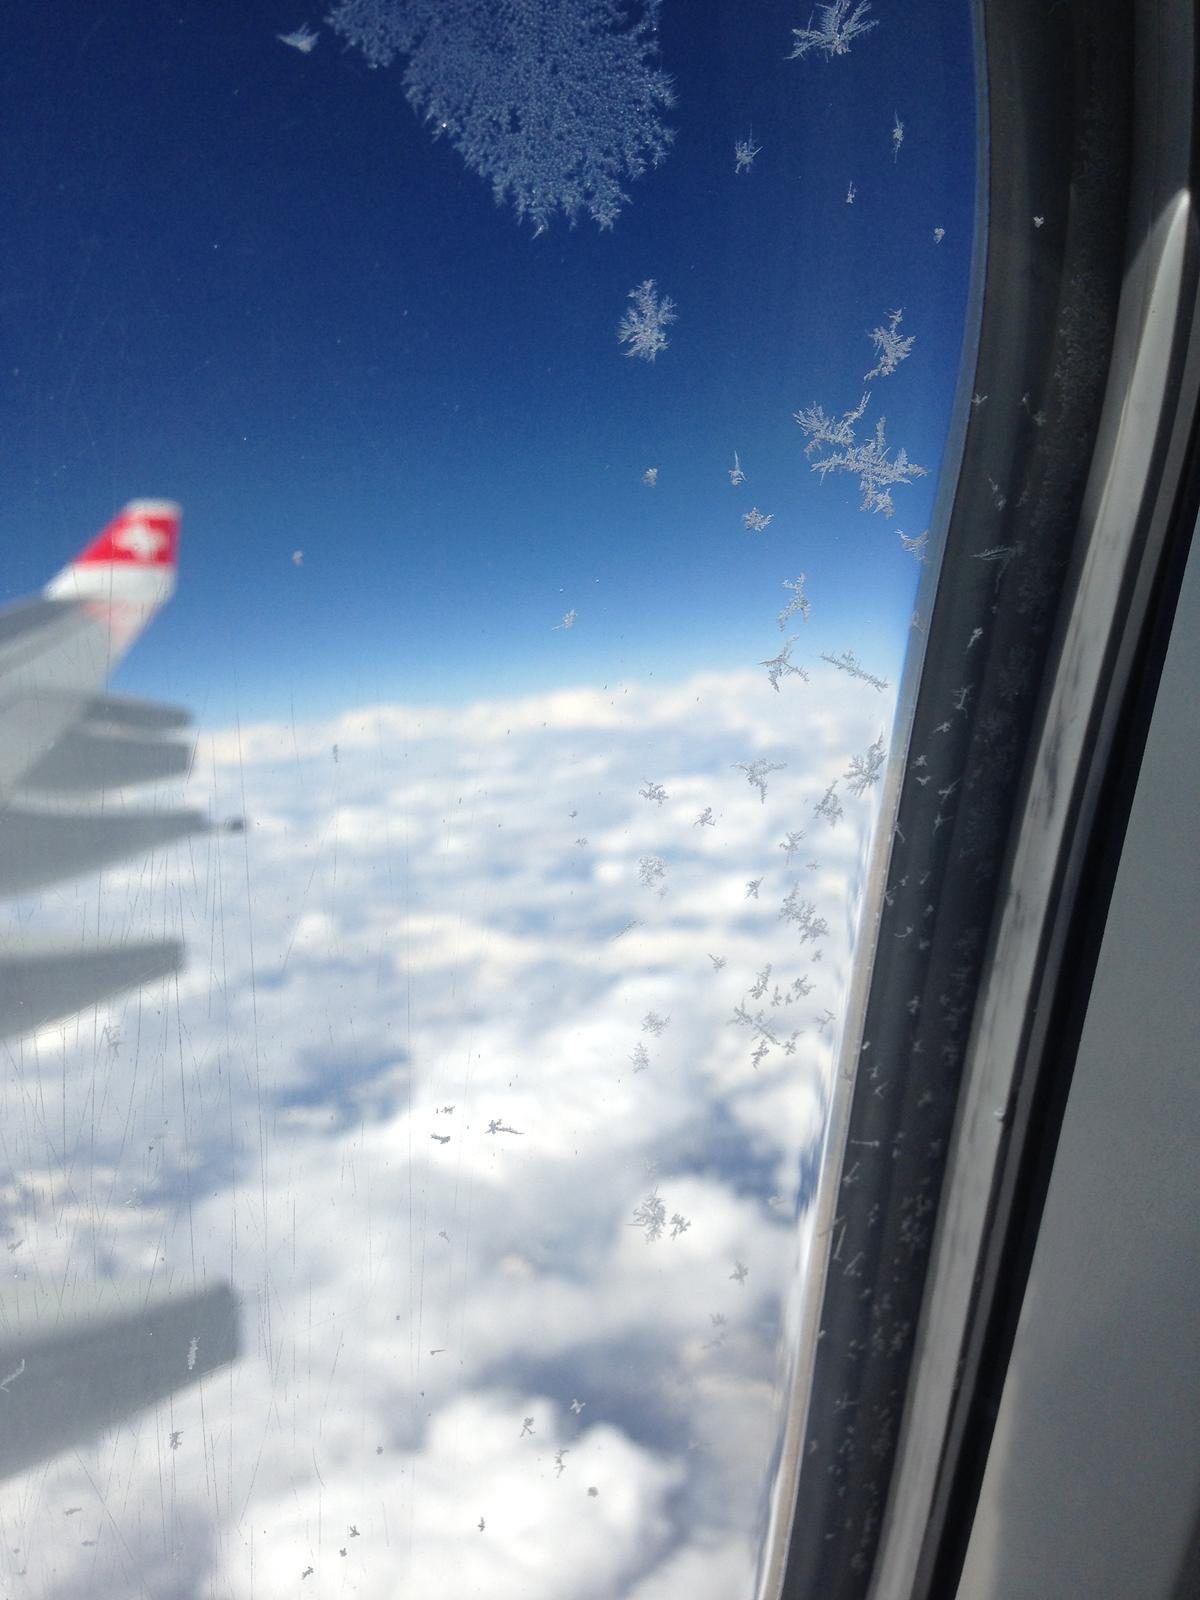 """""""If you can dream it, you can do it."""" - let bol dlhýýýý ale zbehol na počudovanie celkom rýchlo :) pohľad z okna bol veľakrát dychvyrážajúci, Zem je famozna planéta :)"""